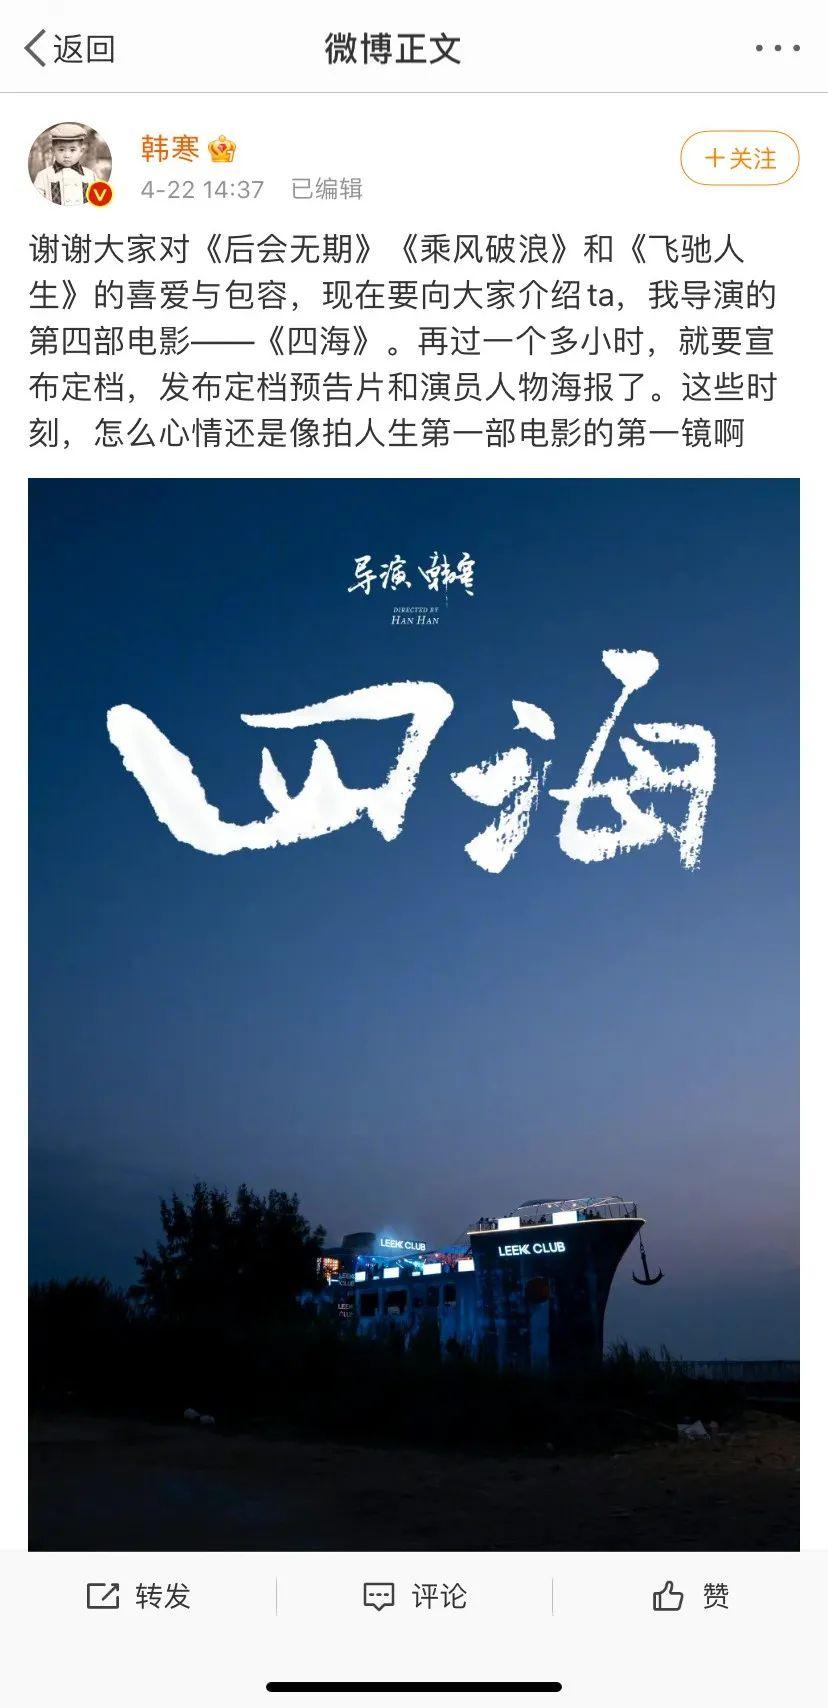 韩寒新电影《四海》取景地 南澳岛还有多少小秘密?